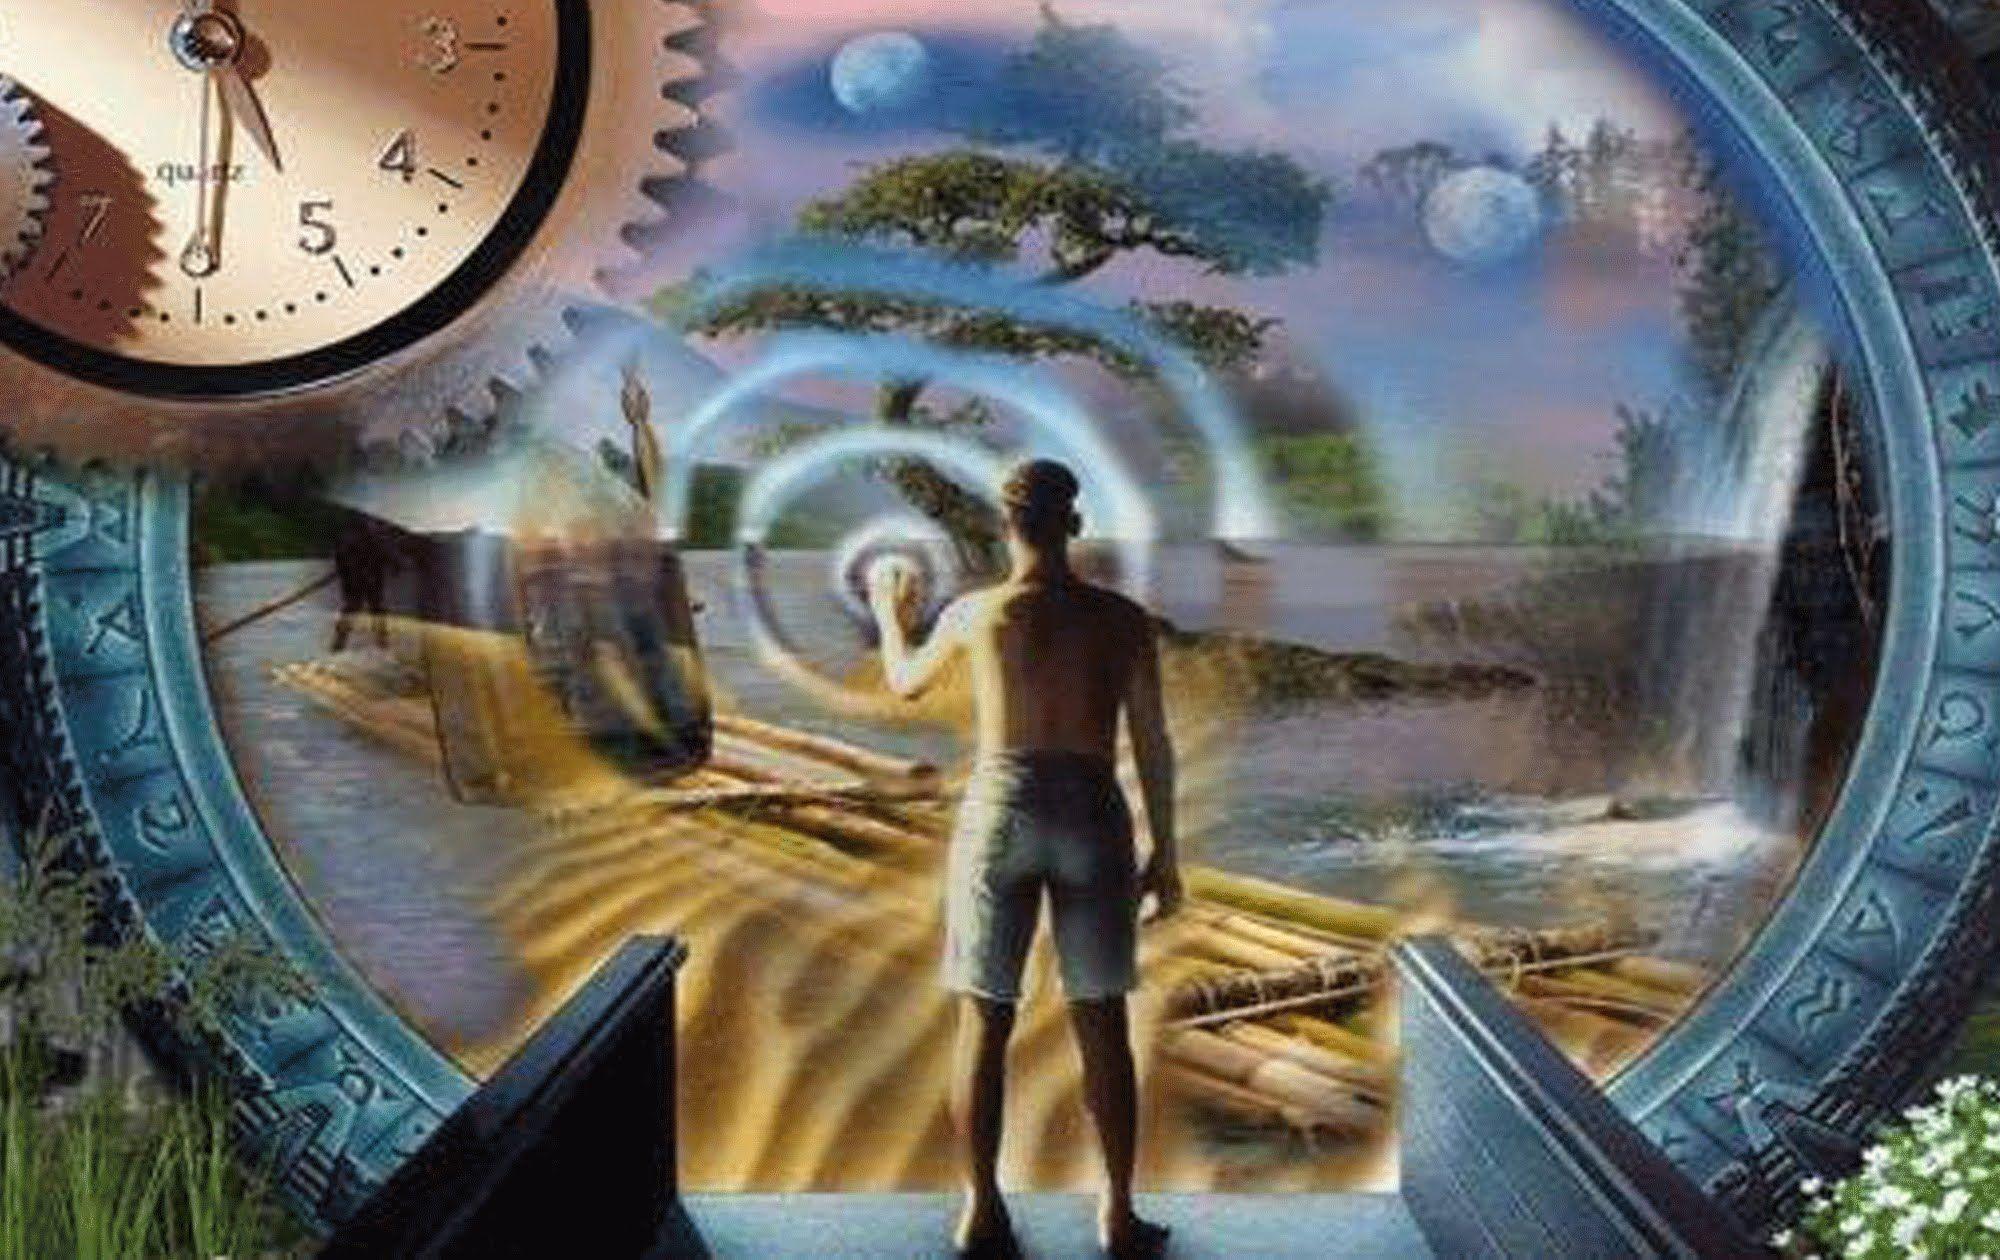 Реинкарнация это: миф, реальность, мистификация или интригующая сказка о переселении душ?